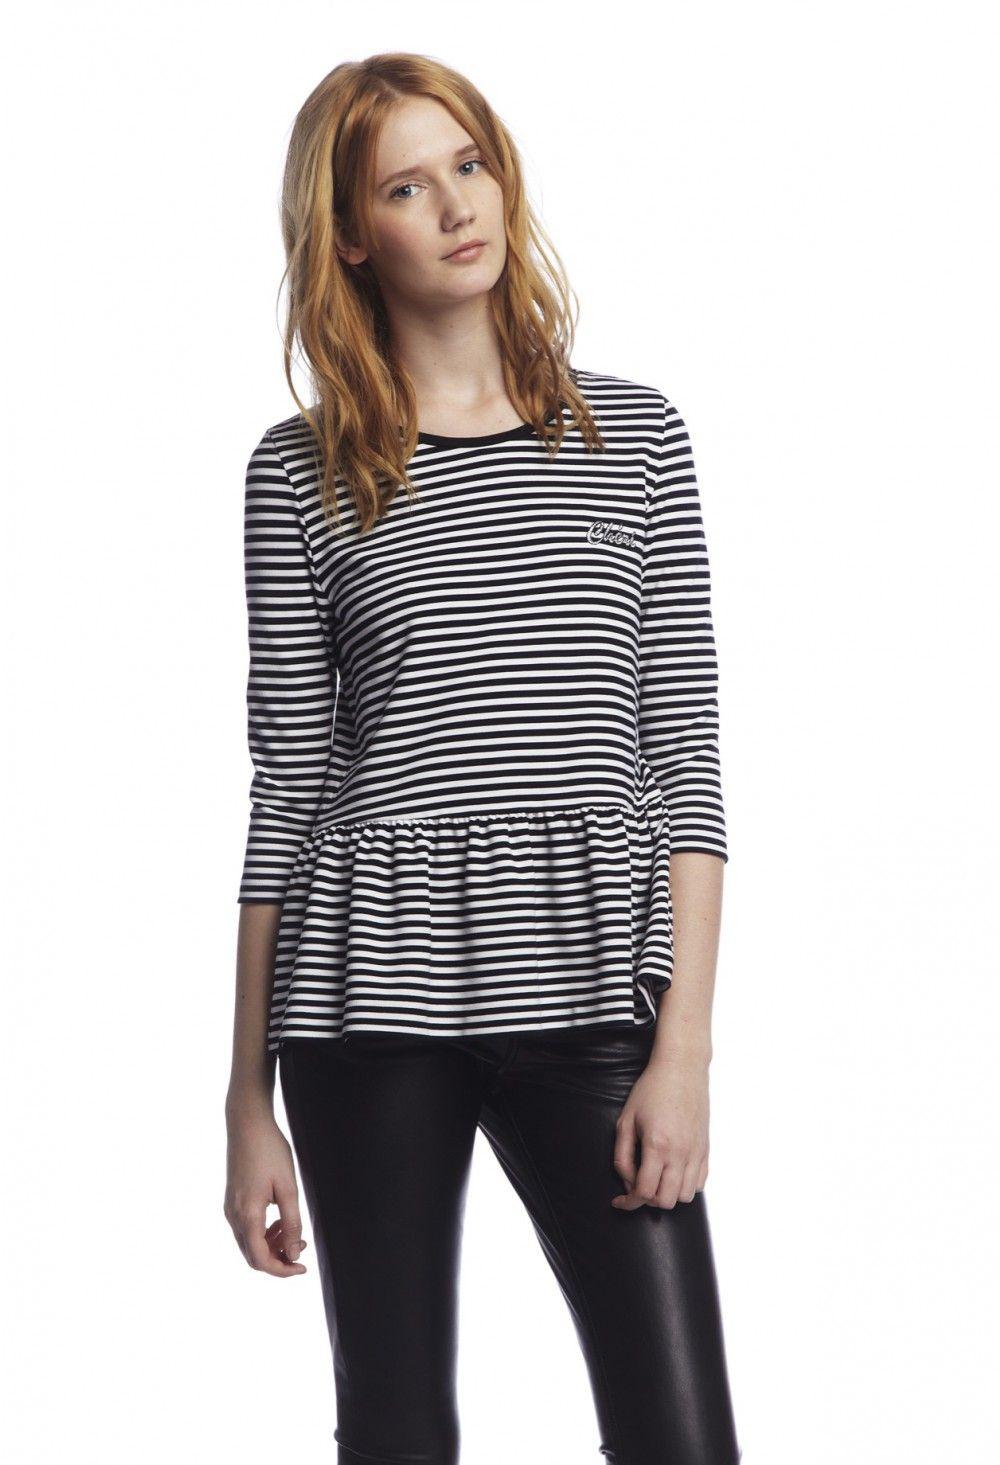 d7235da6c6c894 TROISMATS T-shirts   Claudie Pierlot Pierlot, Chemise, Noir, T-shirts